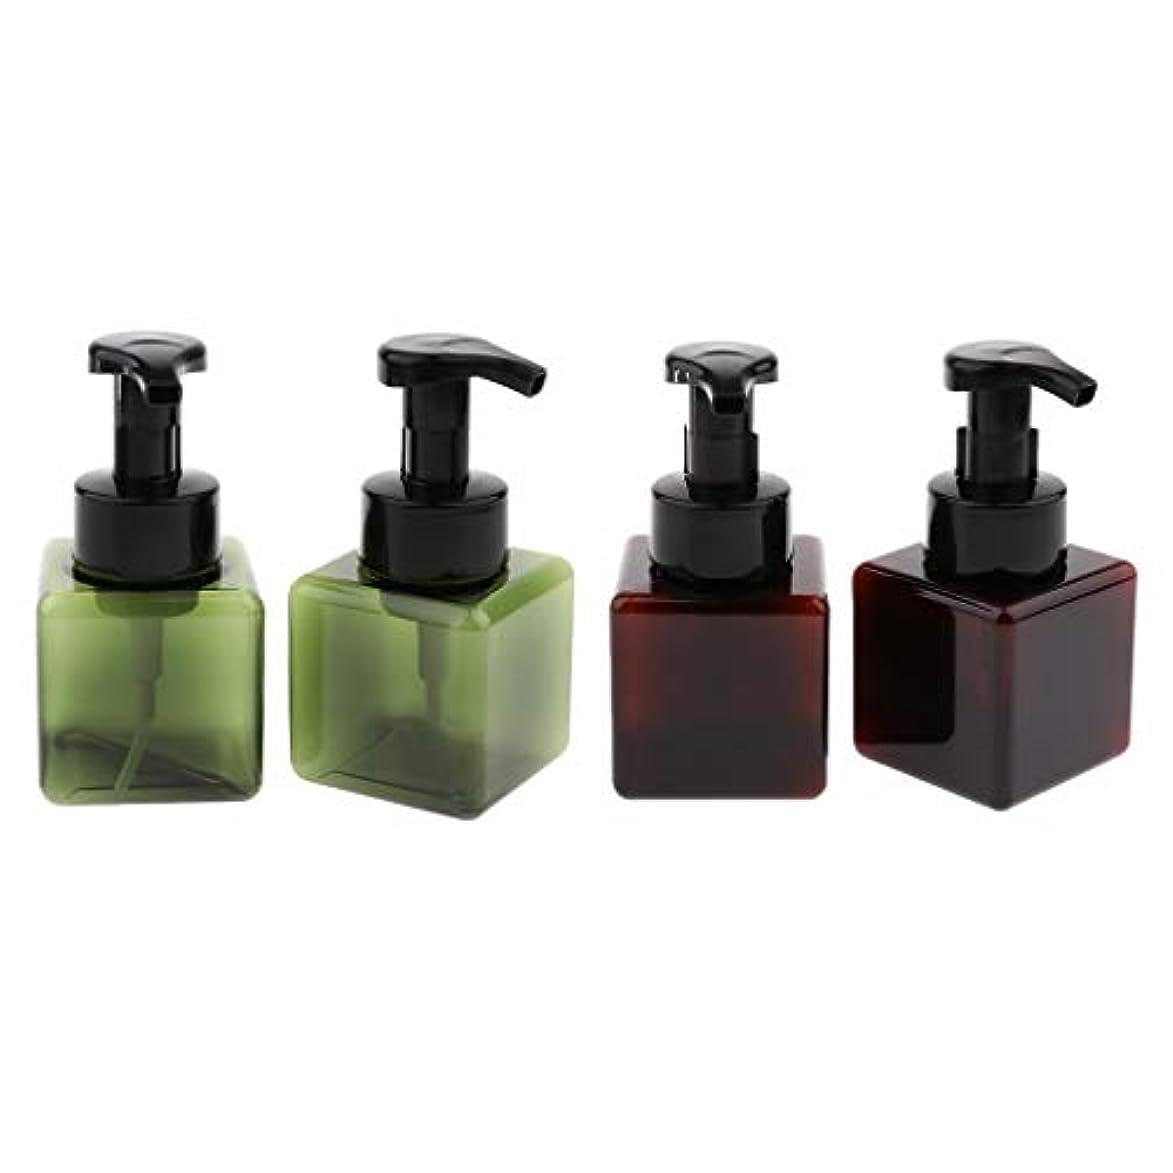 効果的ヘビ未知の4個入り詰め替え容器 泡ポンプボトル 小分けボトル ディスペンサー スクエア 再利用可 250ml 全5色 - ダークグリーン+ブラウン